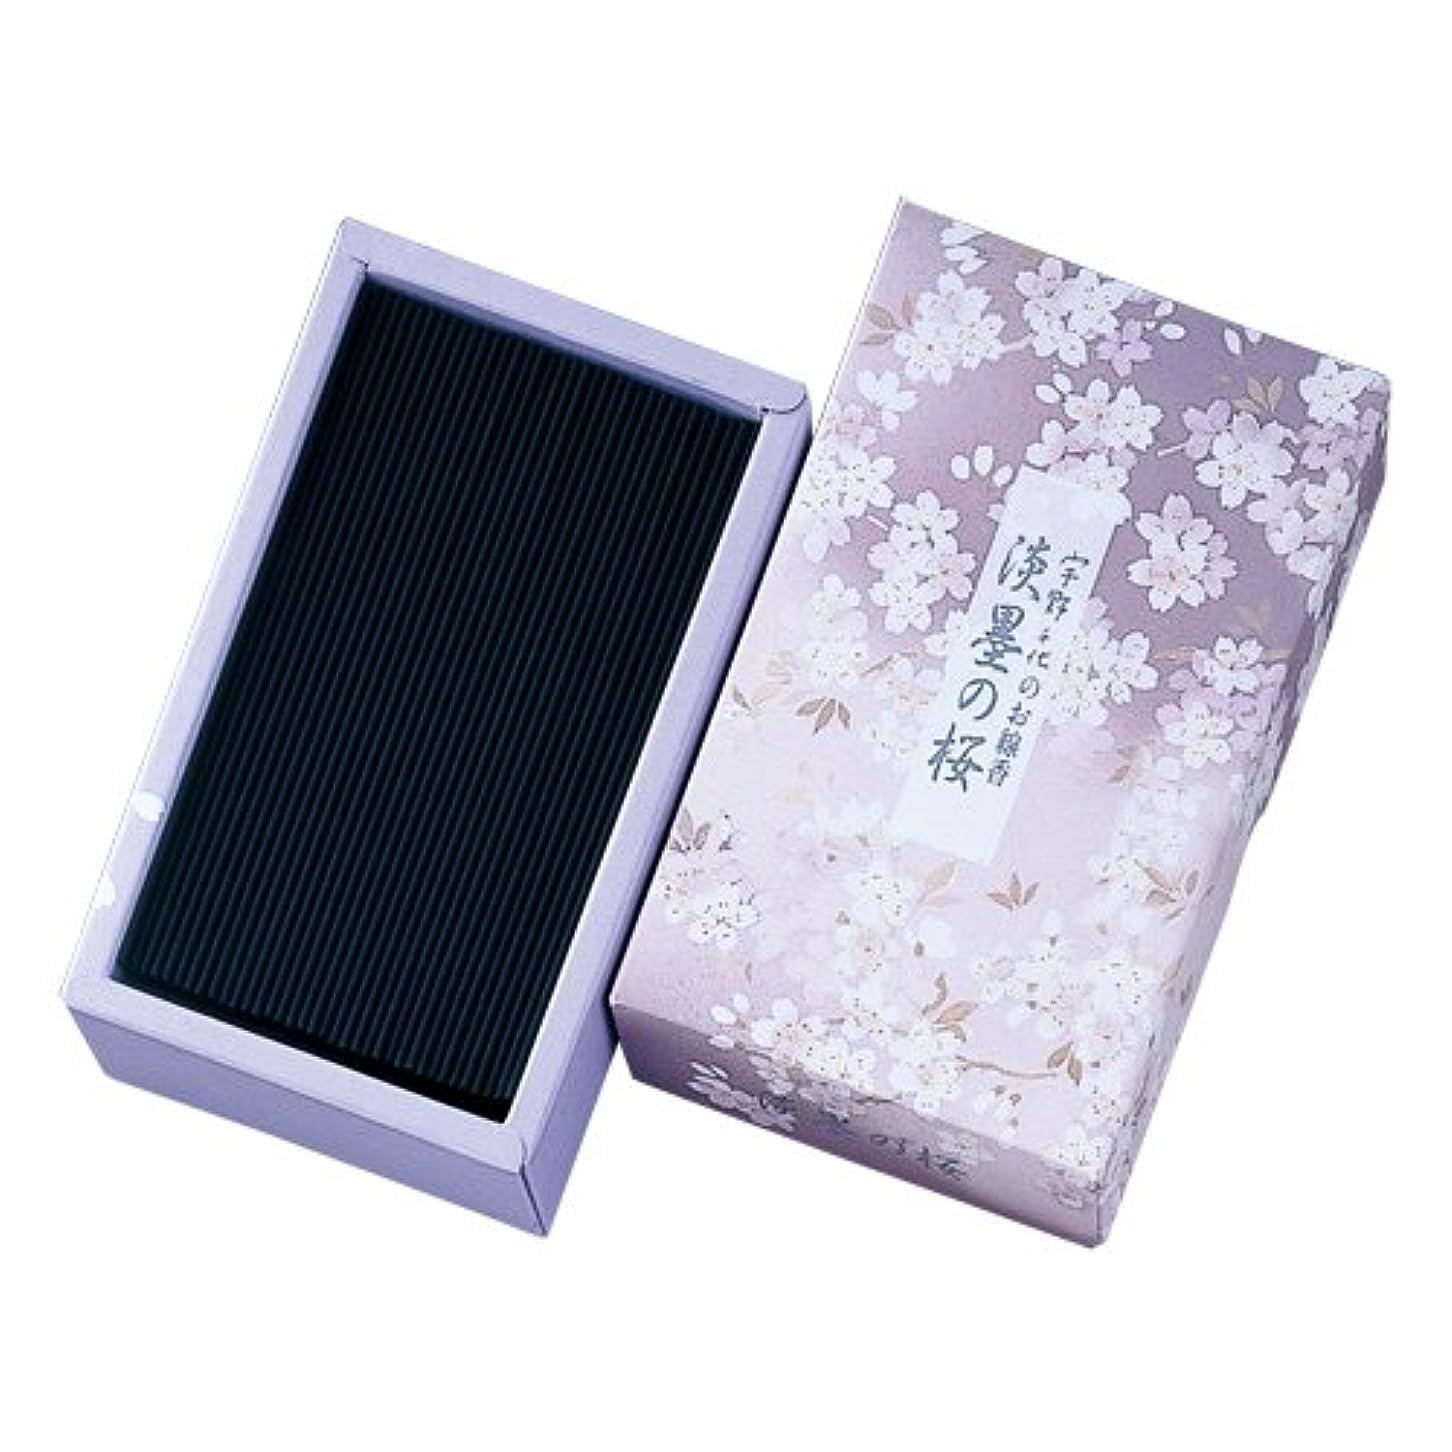 短命暴露実り多い淡墨の桜バラ詰め × 10個セット